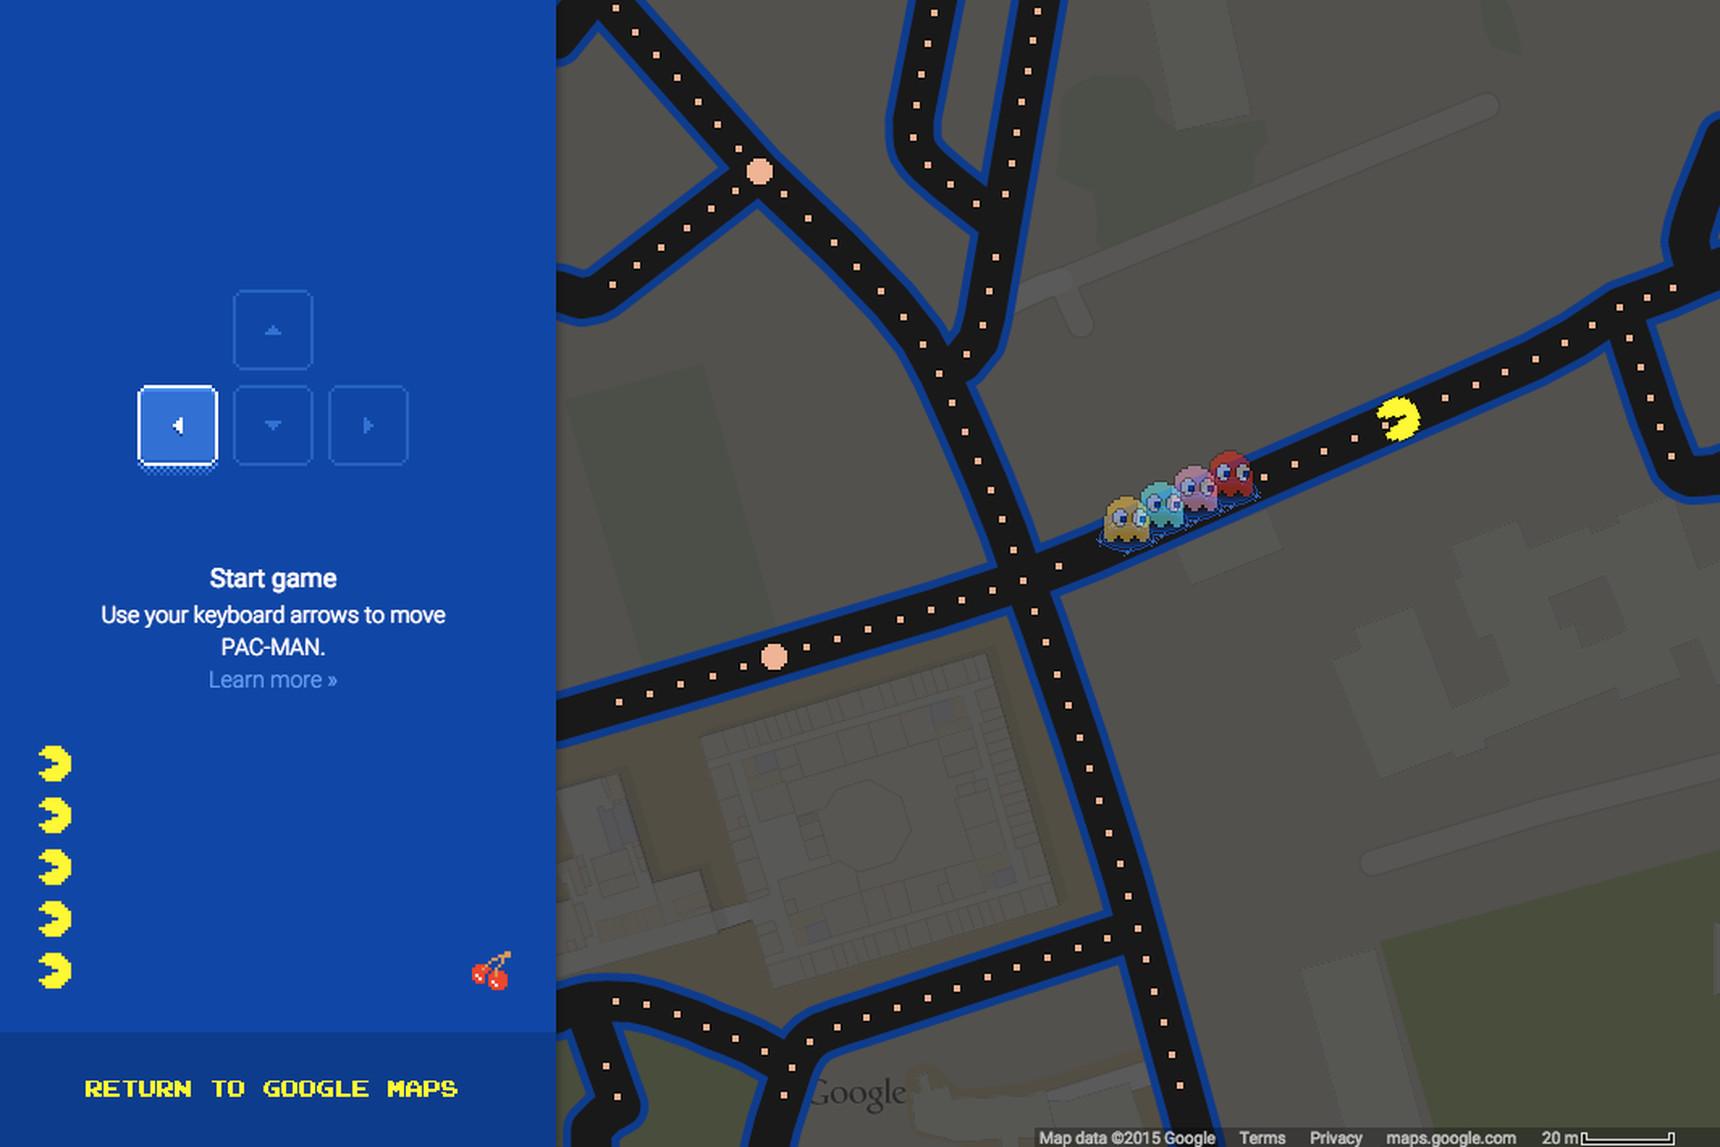 «Пакман» знову з'явився на картах Google Maps у честь першого квітня